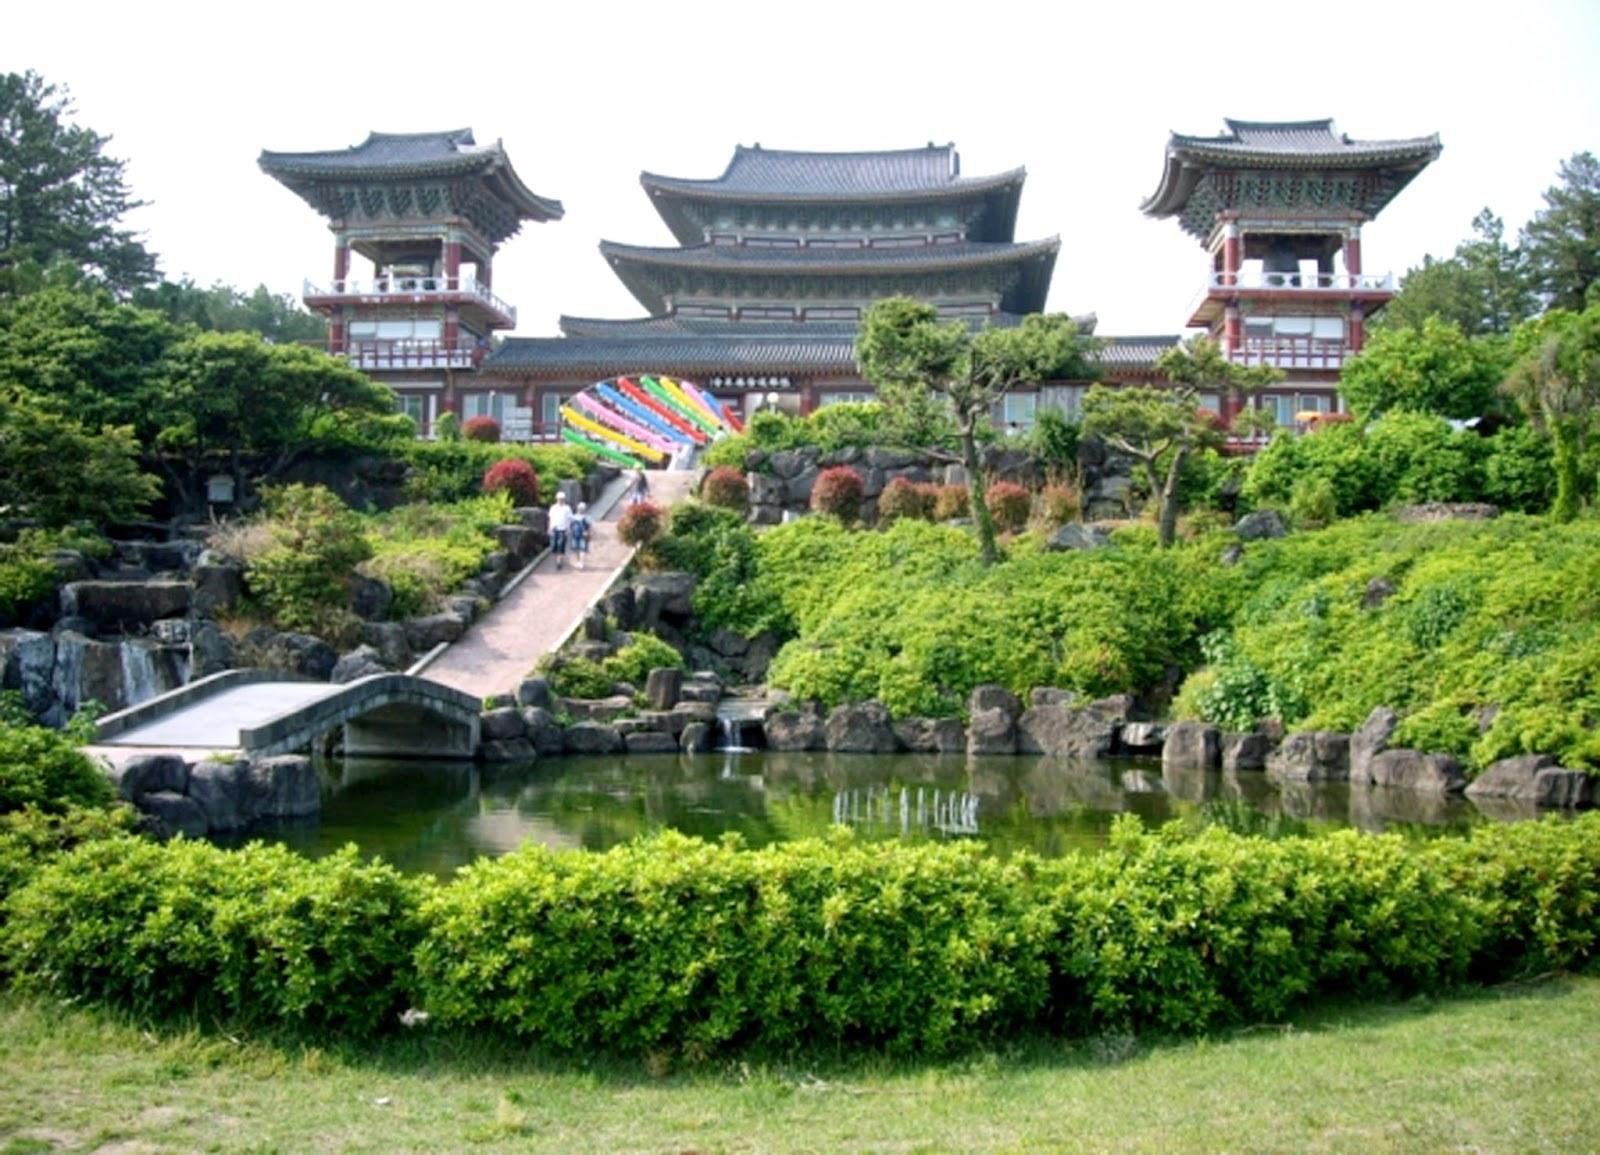 Lưu ý khi vào chùa ở Hàn Quốc